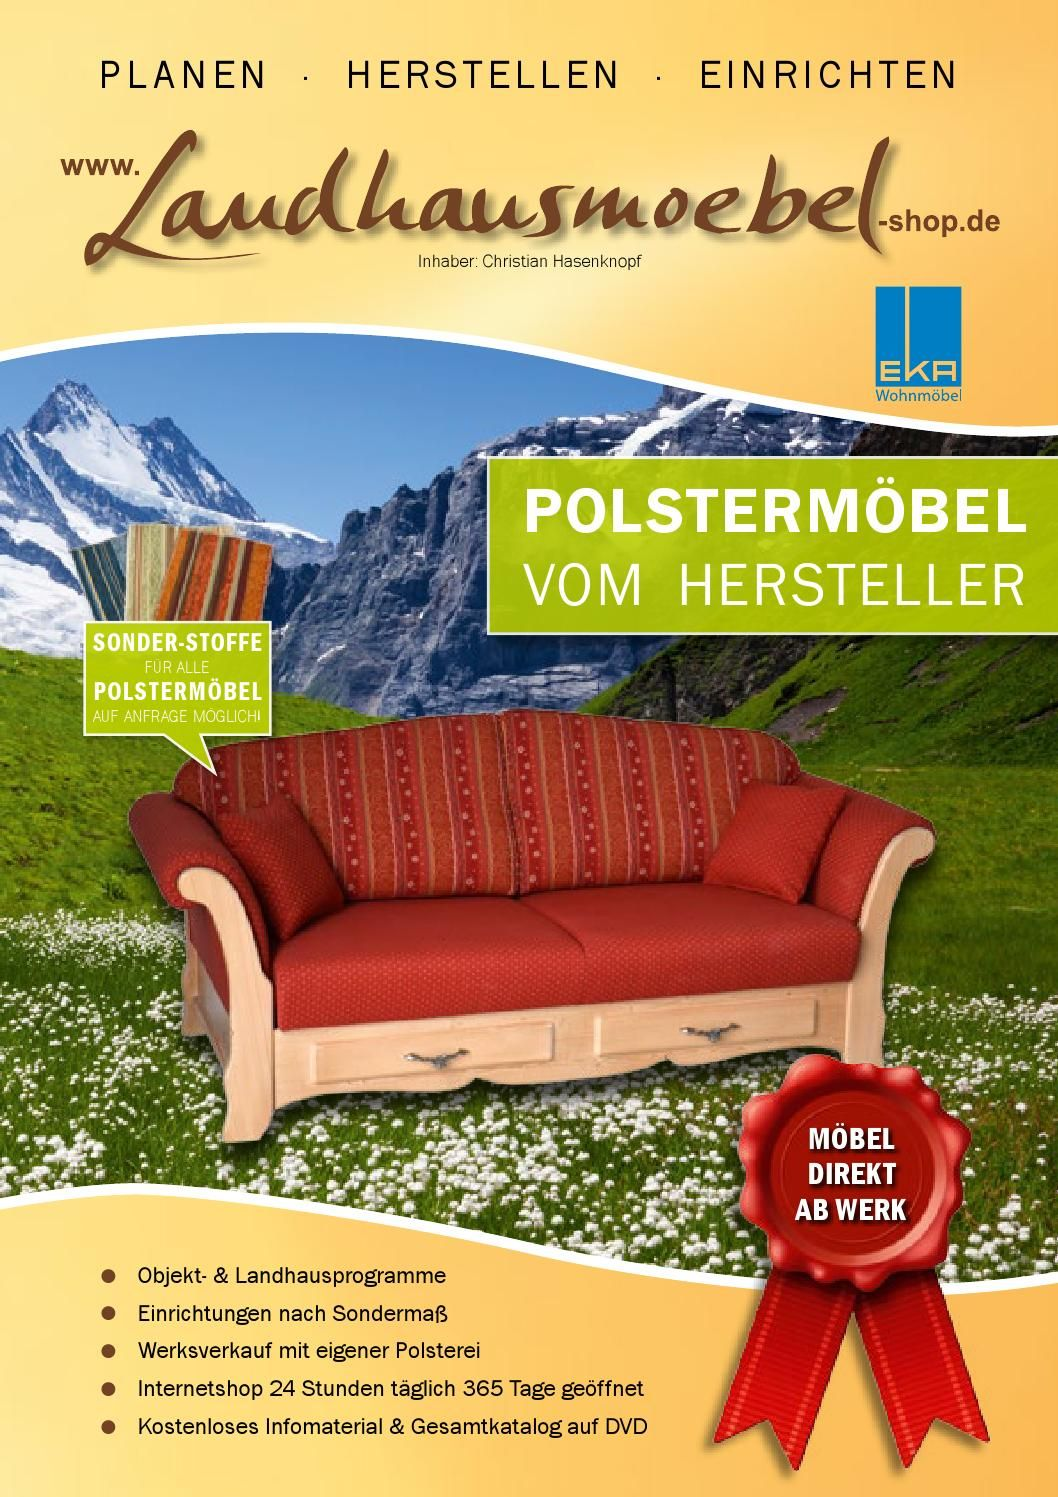 Schon 2 Landhausmoebel Shop.de Landhauspolstermöbel Übersicht Für Landhausmöbel  Und Polstermöbel Aus Franken. Auszugsofas